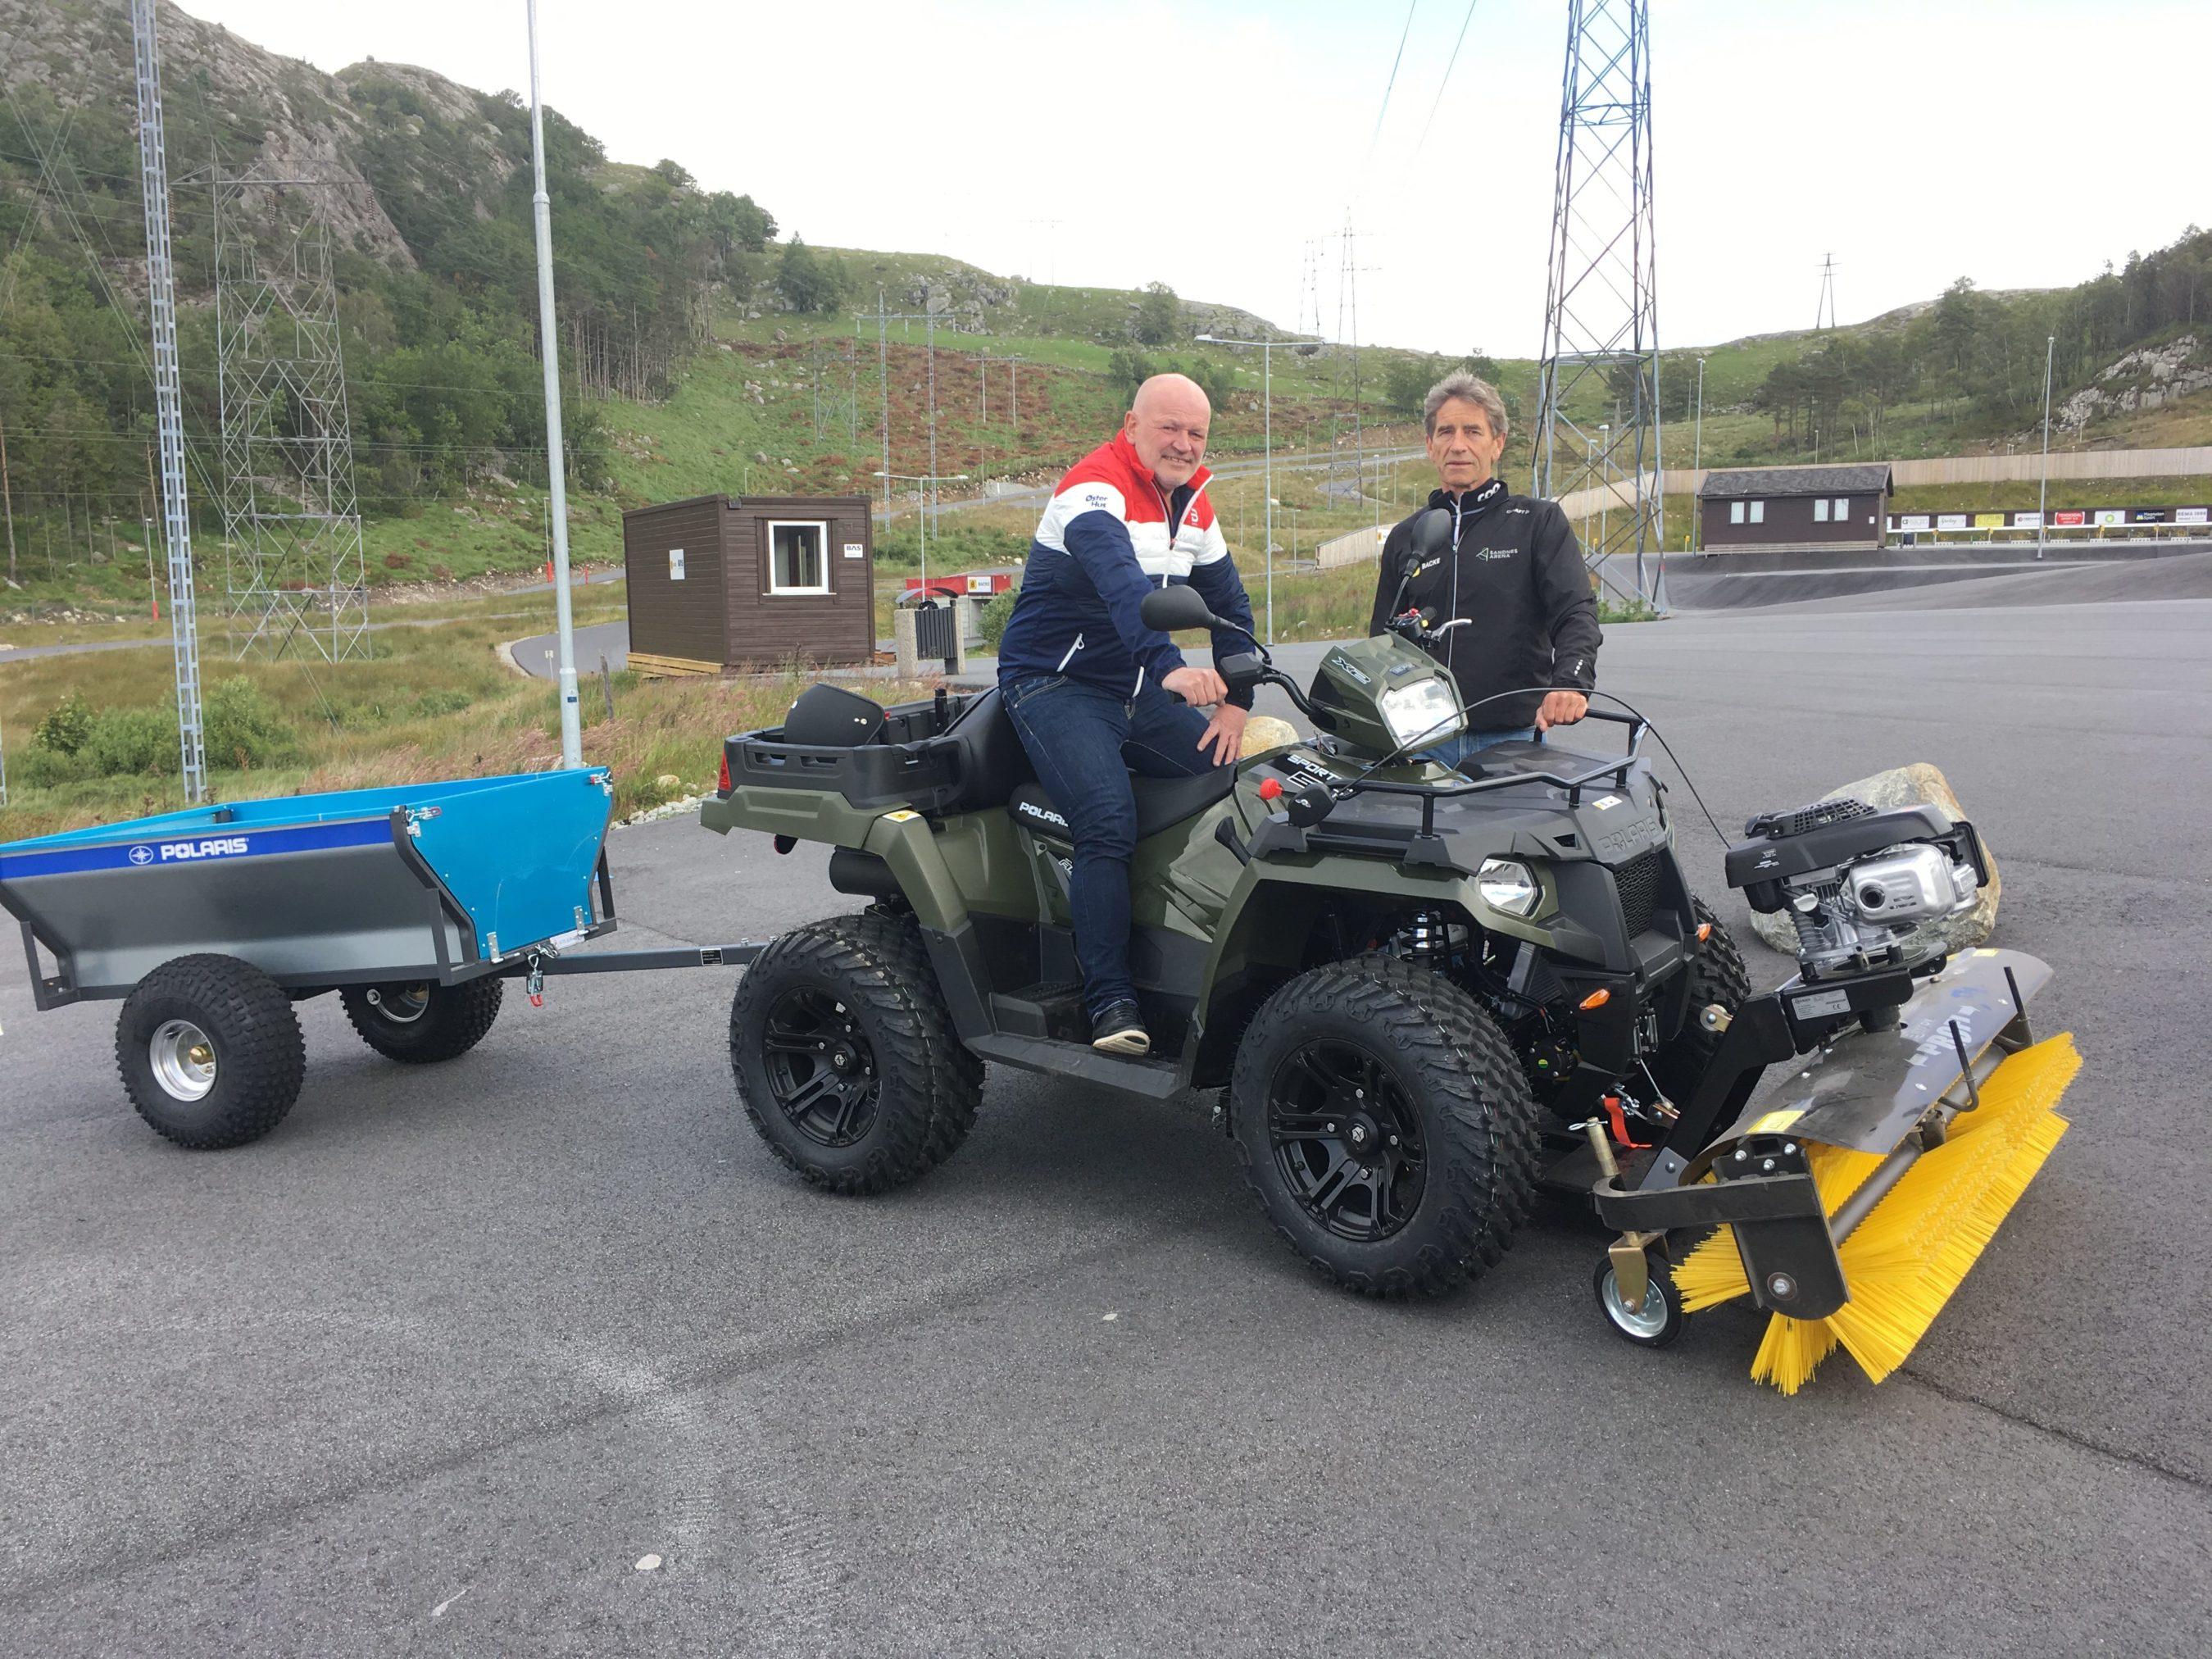 ATV I Gave Fra ØsterHus-Gruppen/Solhytten AS